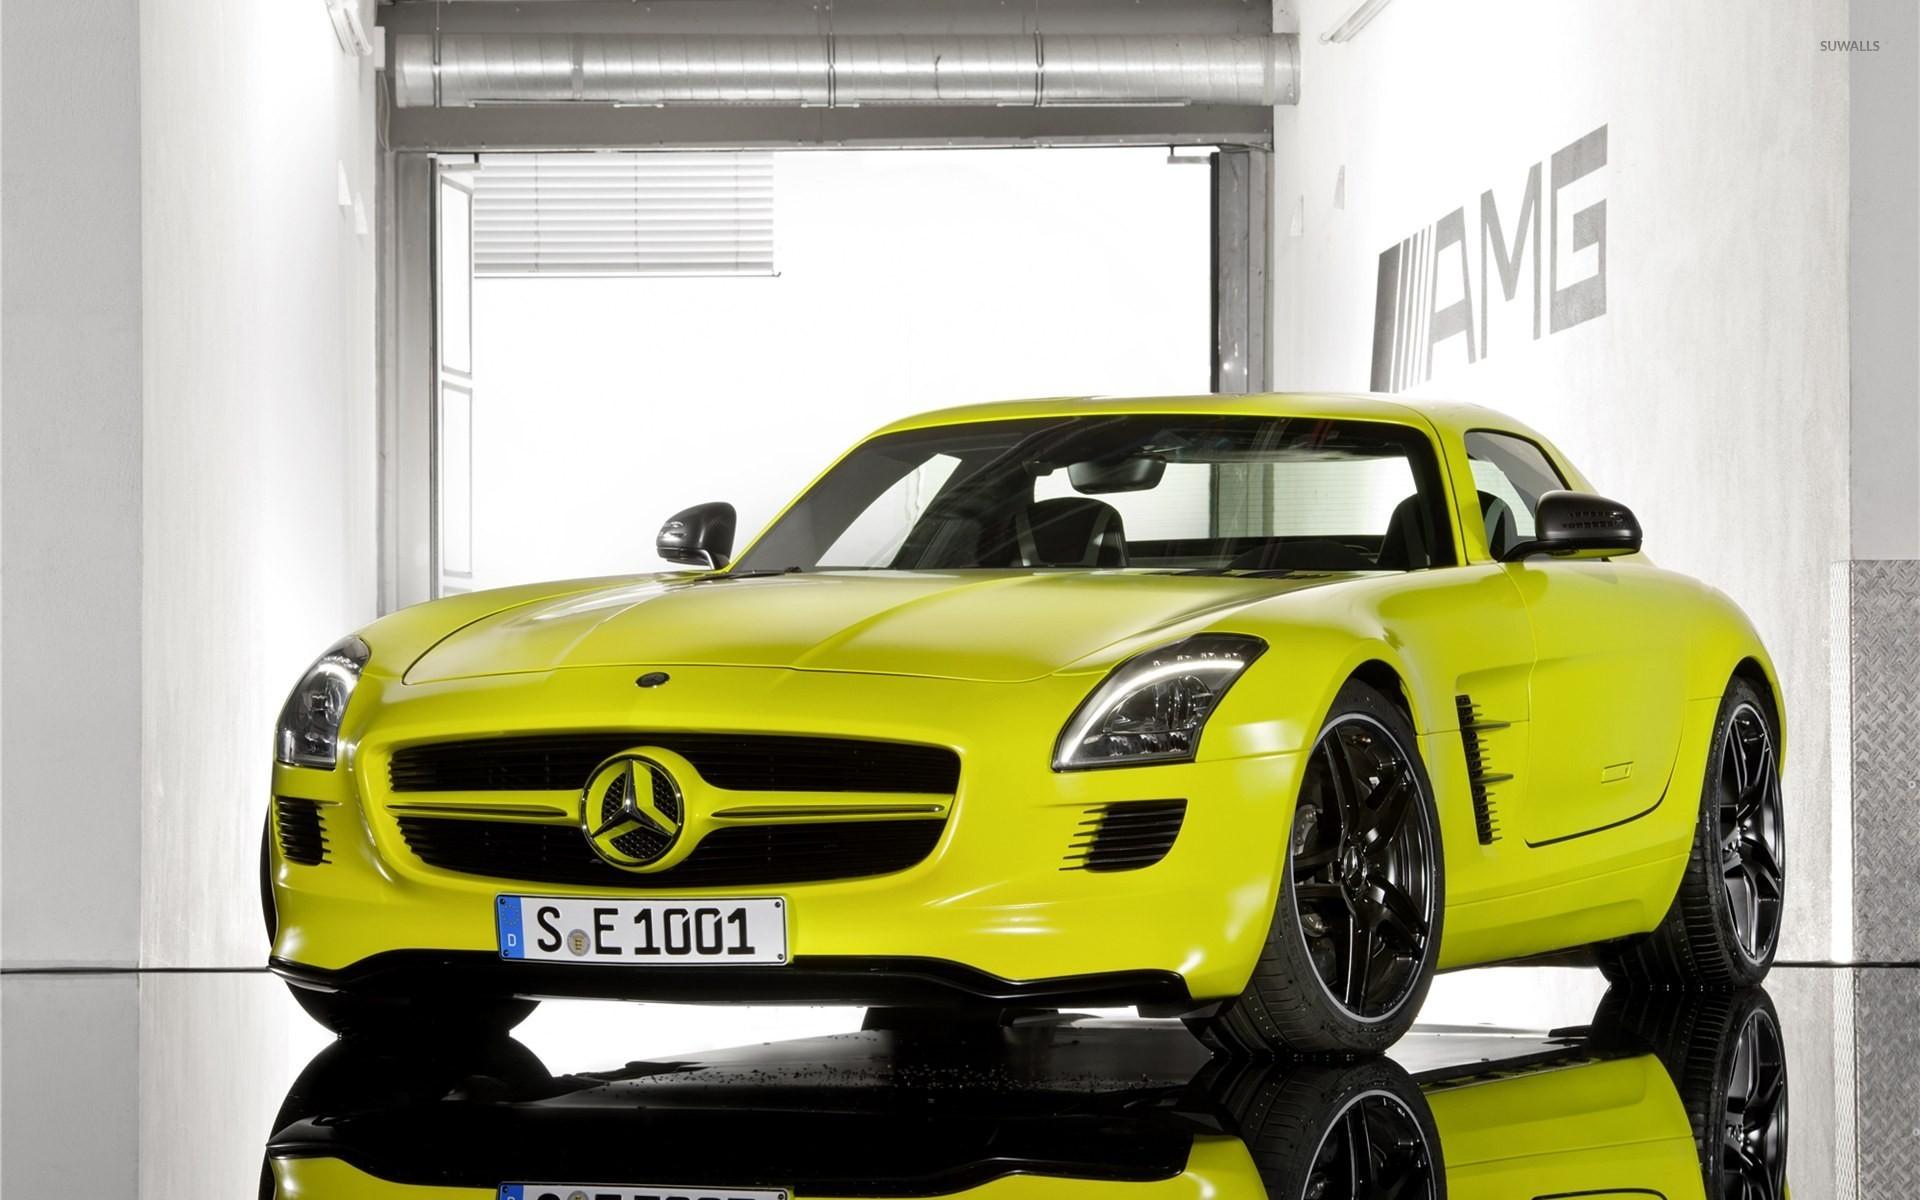 Mercedes-Benz SLS AMG 11 wallpaper - Car wallpapers - #11501